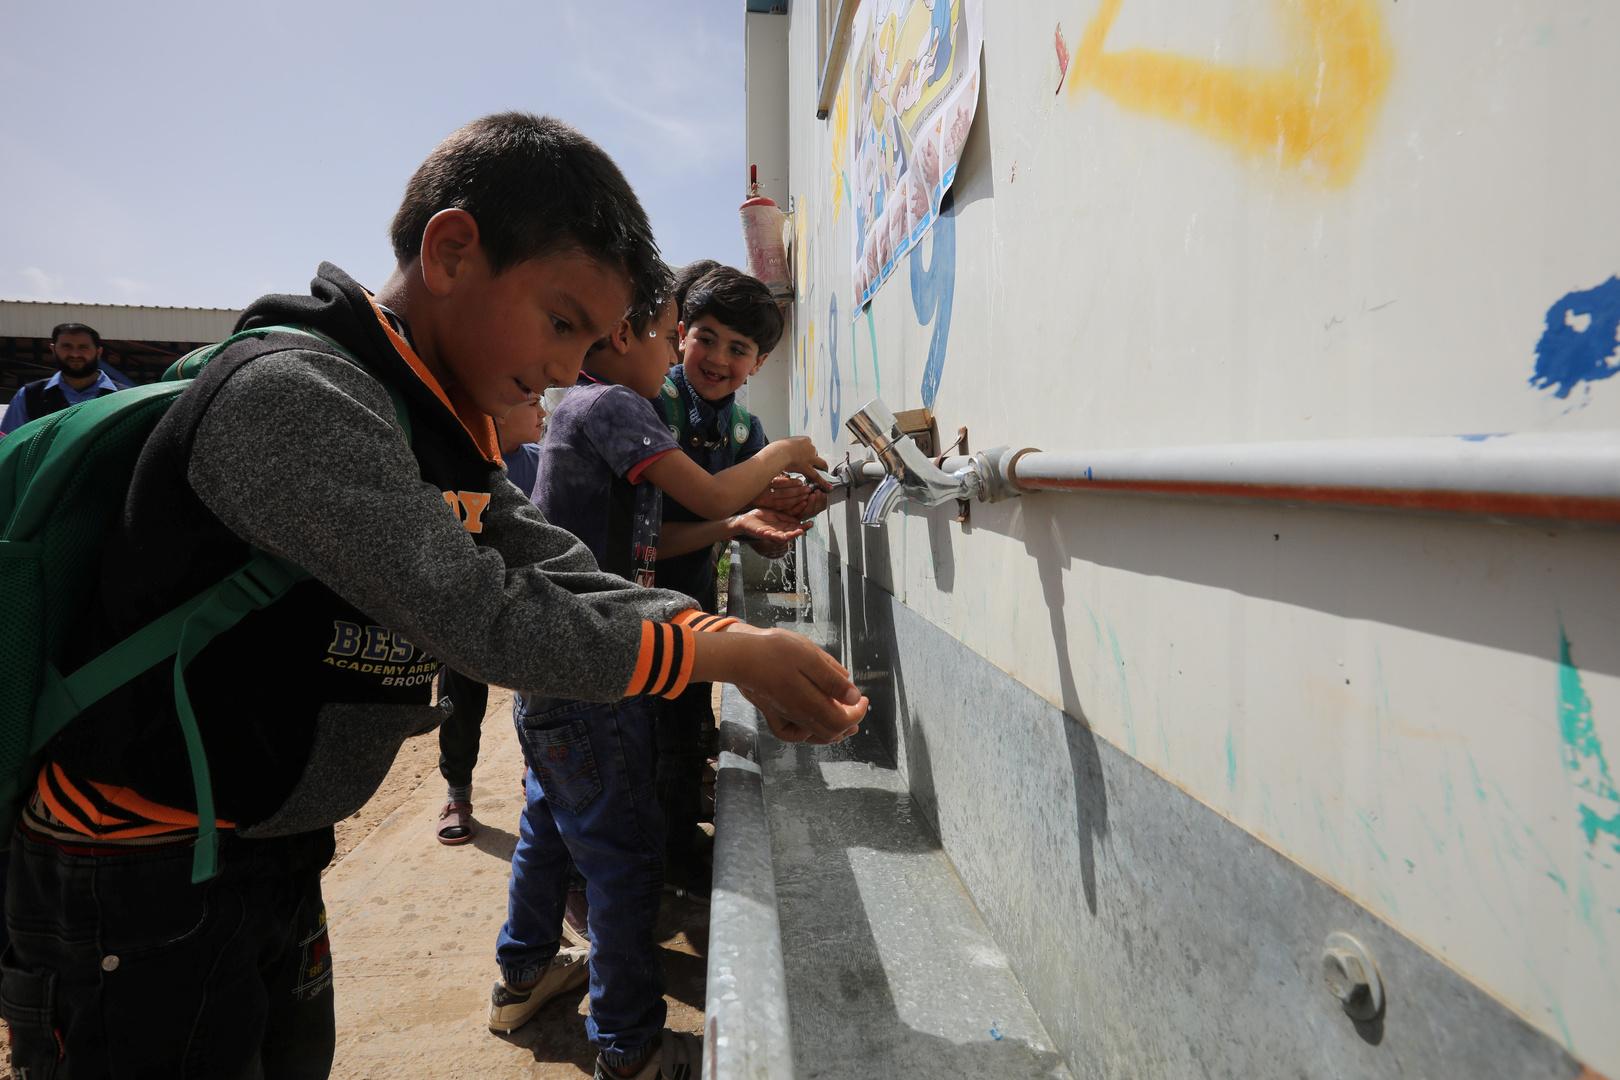 الأردن يخصص 2.4 مليار دولار استجابة للأزمة السورية